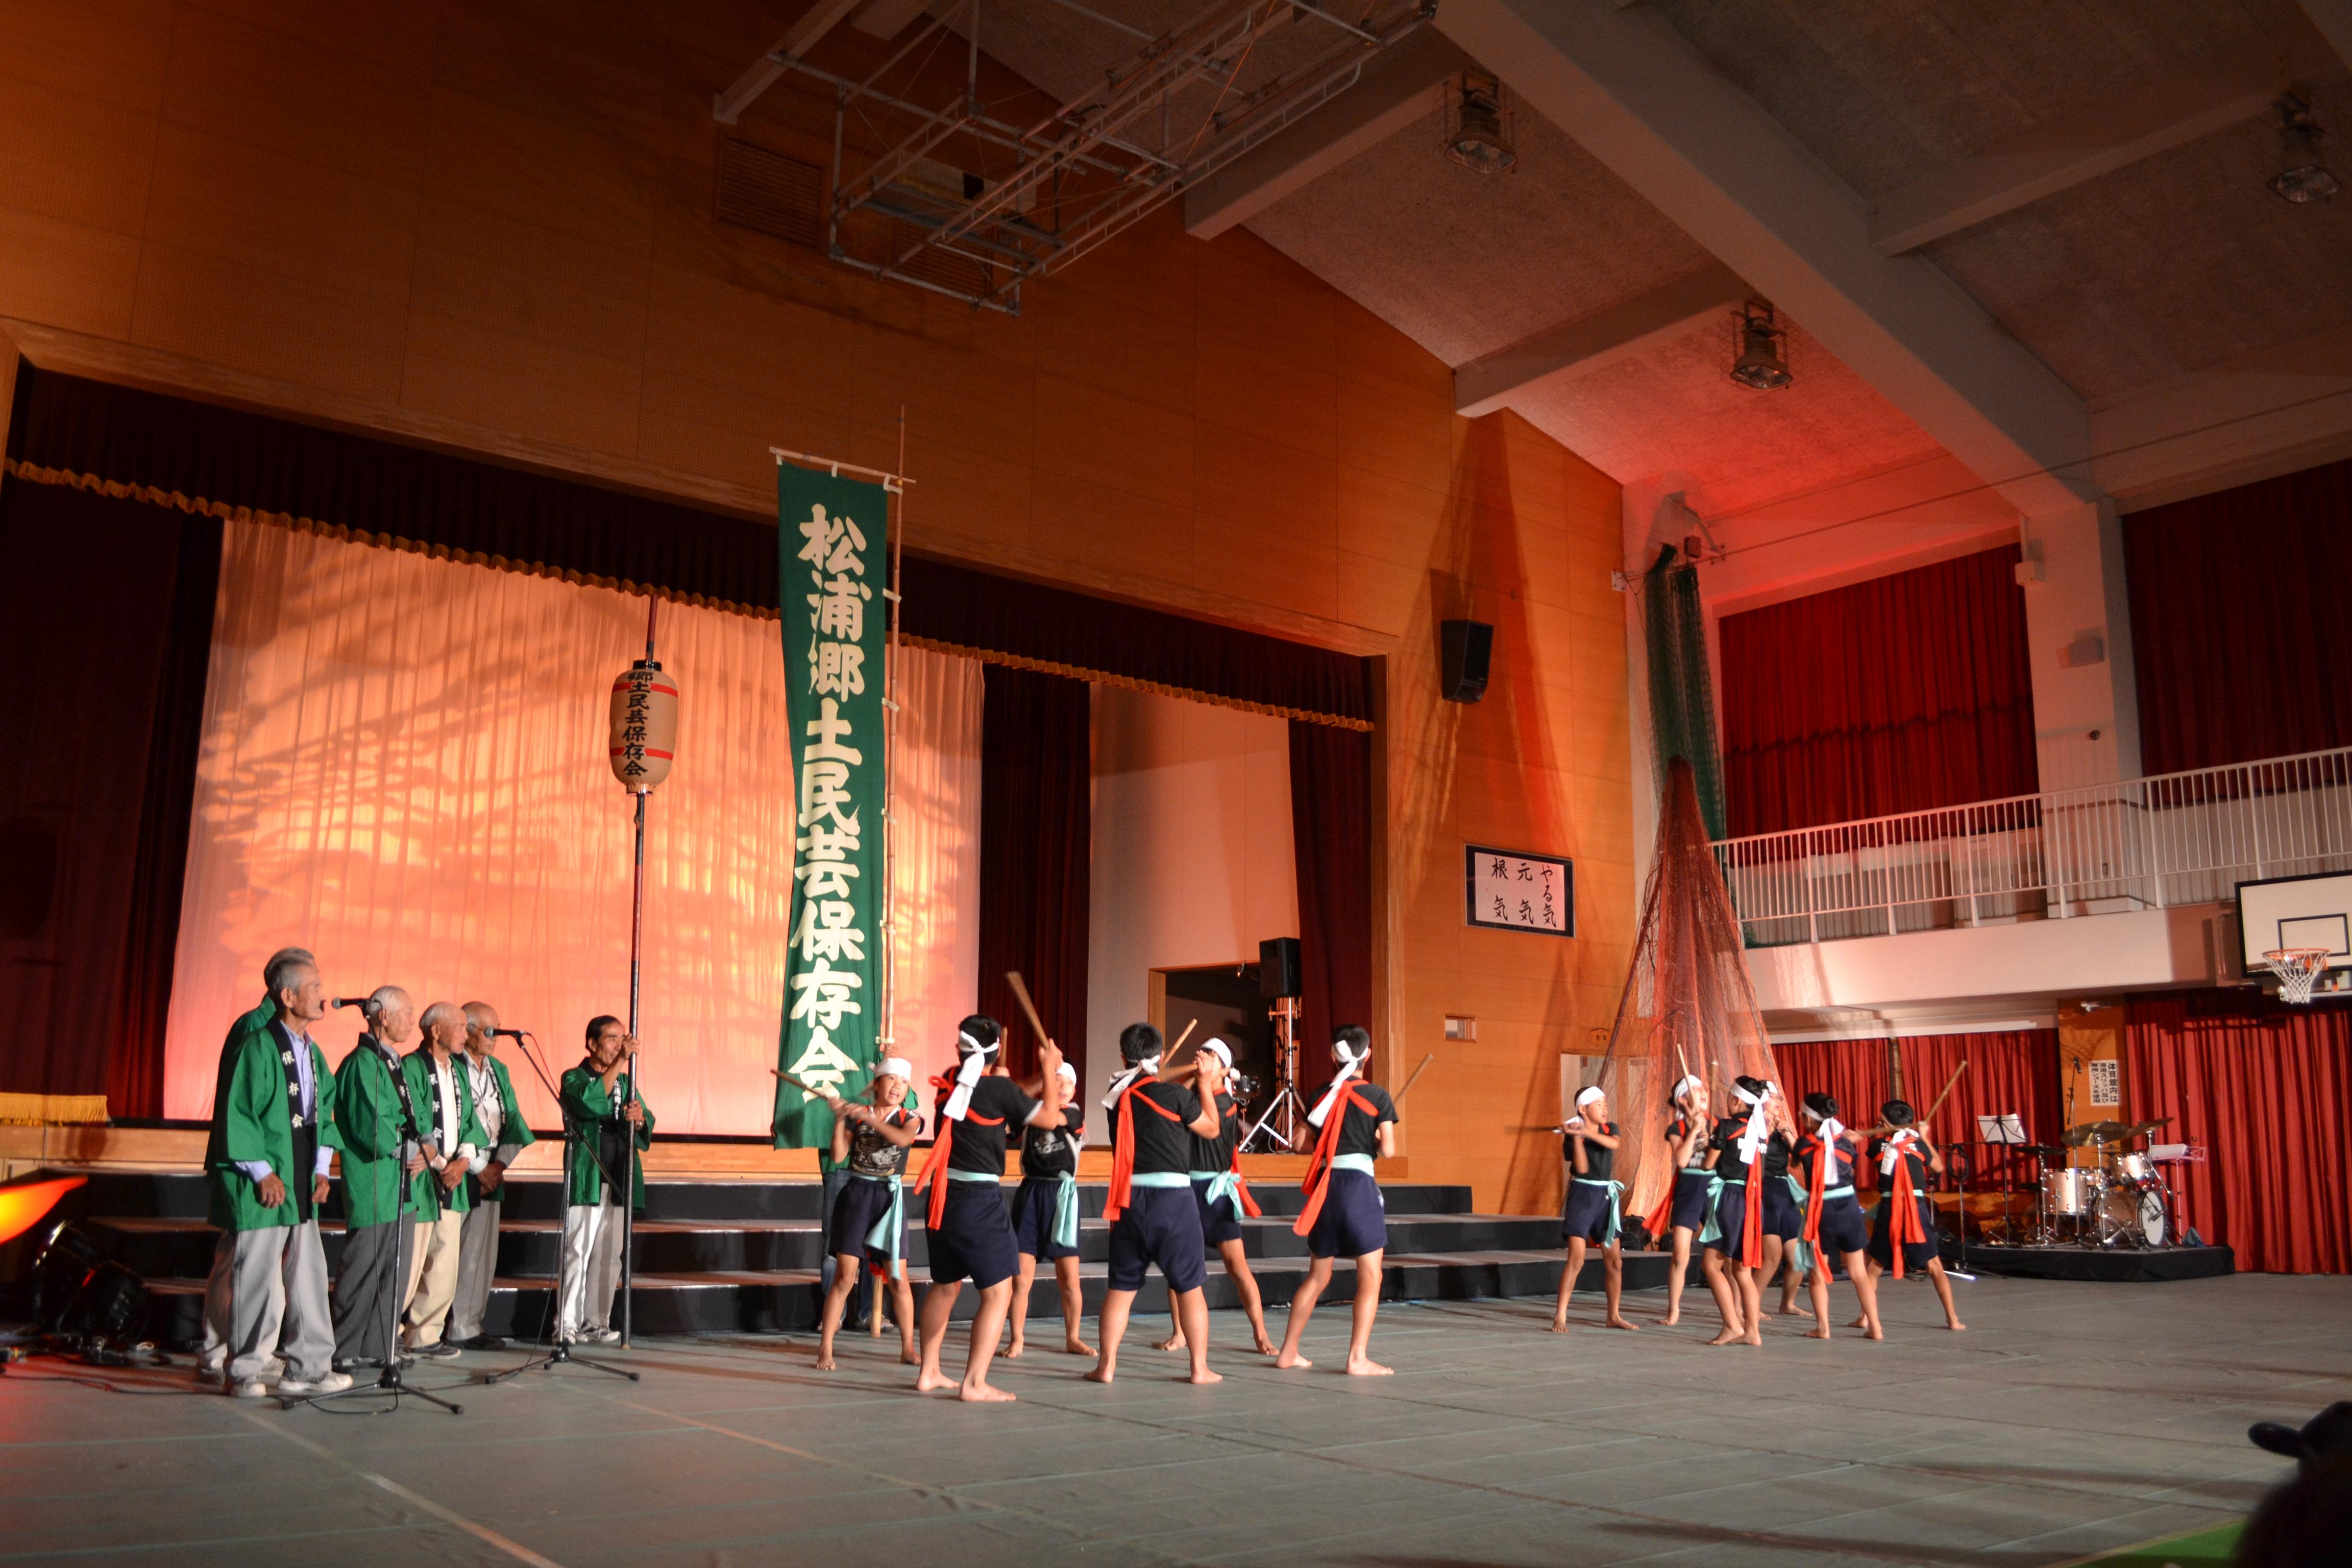 棒踊り(松浦)